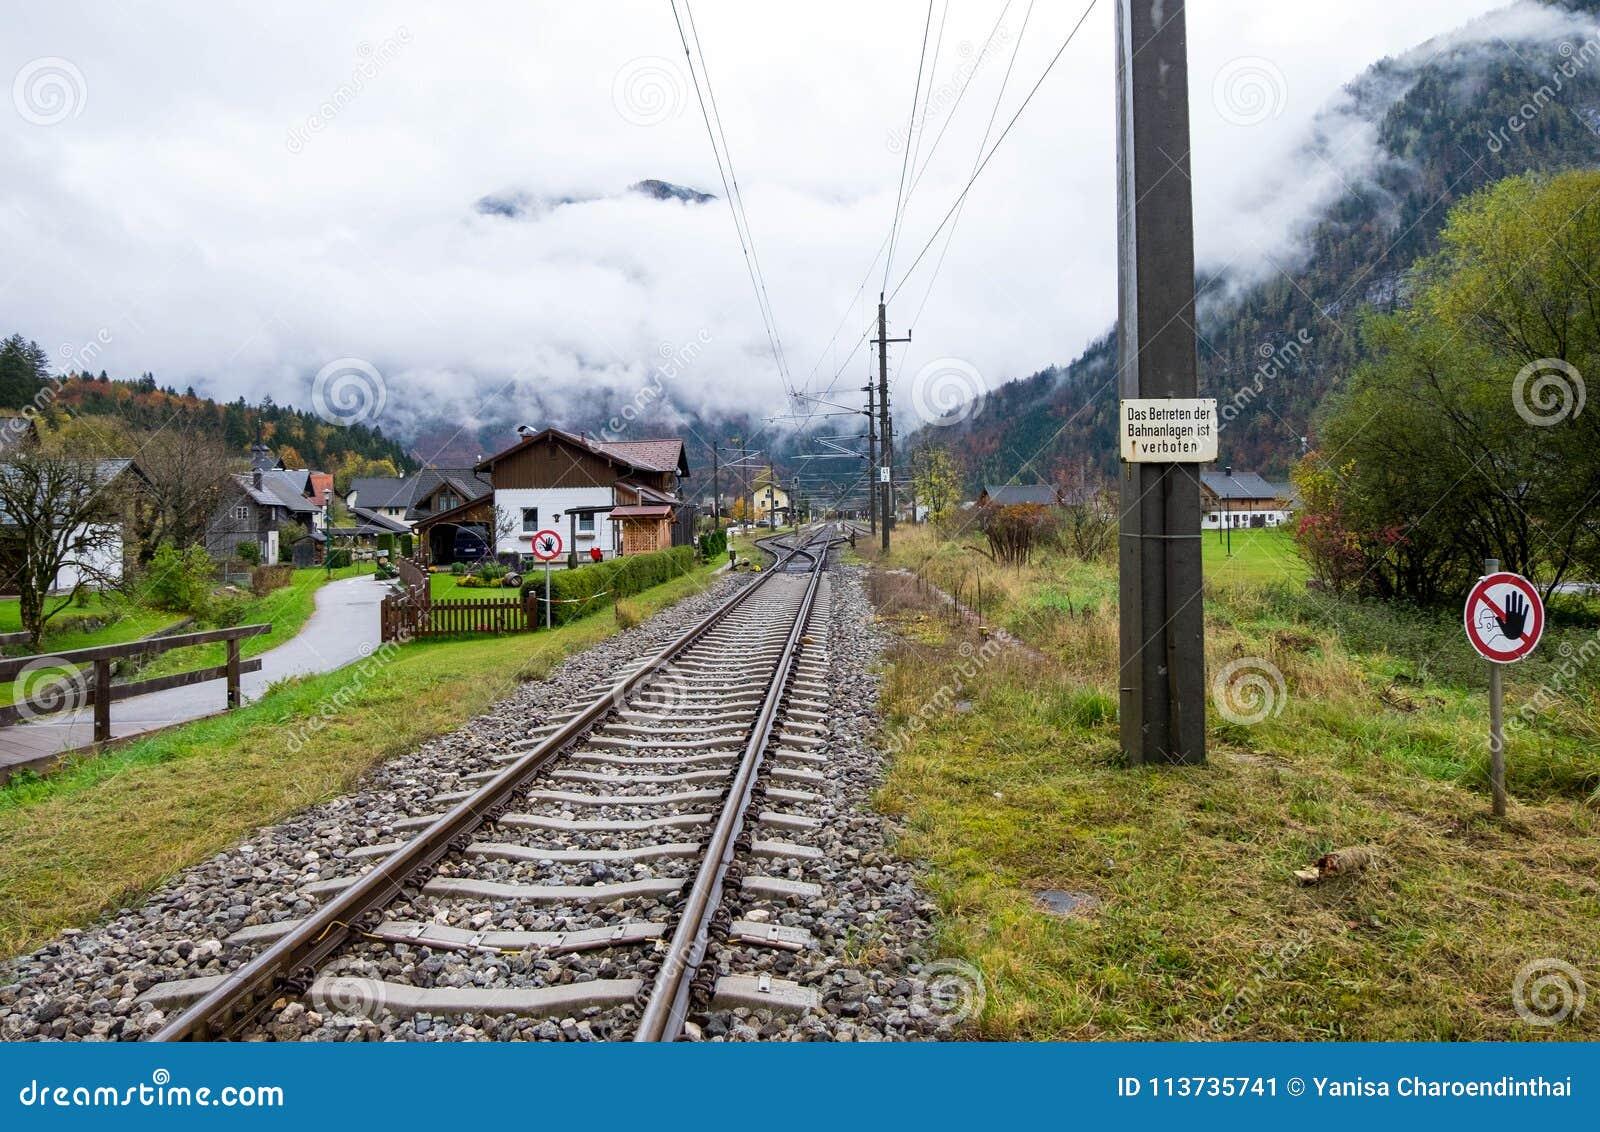 Estrada de ferro através do meio da cidade de Obertraun O tempo estava tão nebuloso e pronto para chover todas as vezes